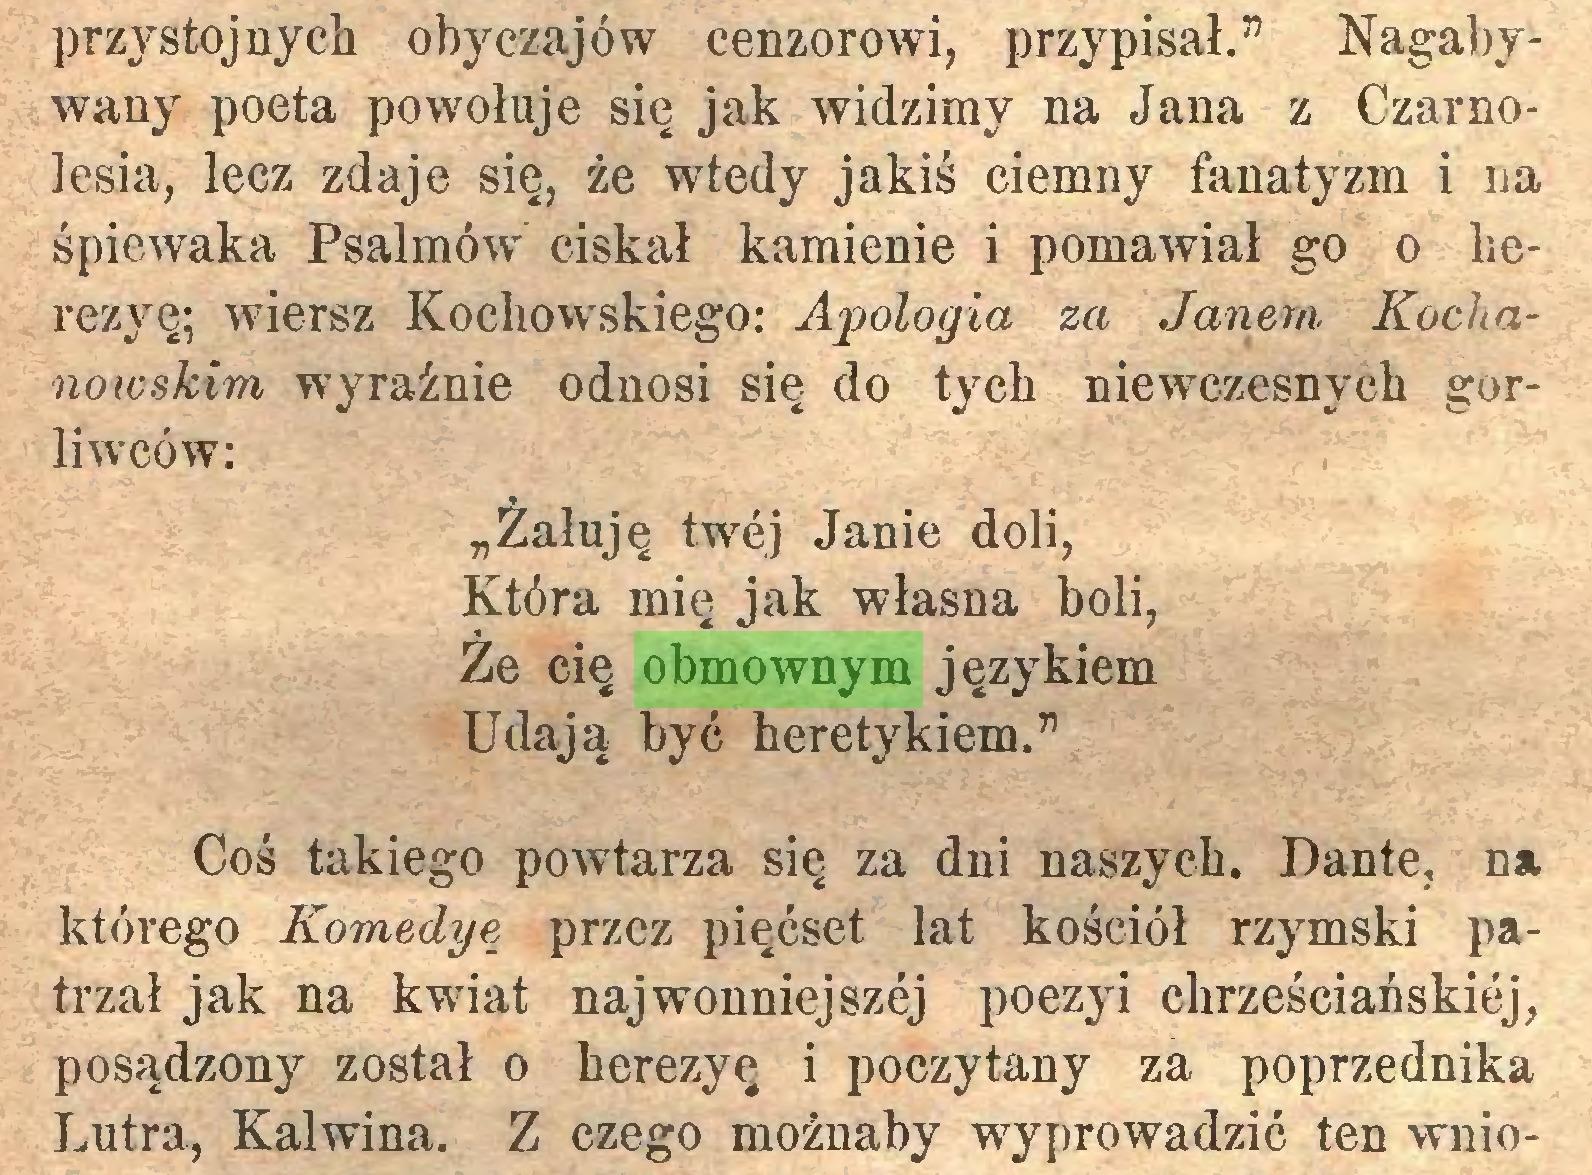 """(...) przystojnych obyczajów cenzorowi, przypisał."""" Nagabywany poeta powołuje się jak widzimy na Jana z Czarnolesia, lecz zdaje się, że wtedy jakiś ciemny fanatyzm i na śpiewaka Psalmów ciskał kamienie i pomawiał go o lierezyę; wiersz Kochowskiego: Apologia za Janem Kochanowskim wyraźnie odnosi się do tych niewczesnych gorliwców: """"Żałuję twej Janie doli, Która mię jak własna boli, Że cię obmownym językiem Udają być heretykiem."""" Coś takiego powtarza się za dni naszych. Dante, n* którego Komedye przez pięćset lat kościół rzymski patrzał jak na kwiat najwonniejszej poezyi chrześciańskiej, posądzony został o herezyę i poczytany za poprzednika Lutra, Kalwina. Z czego możnaby wyprowadzić ten wnio..."""